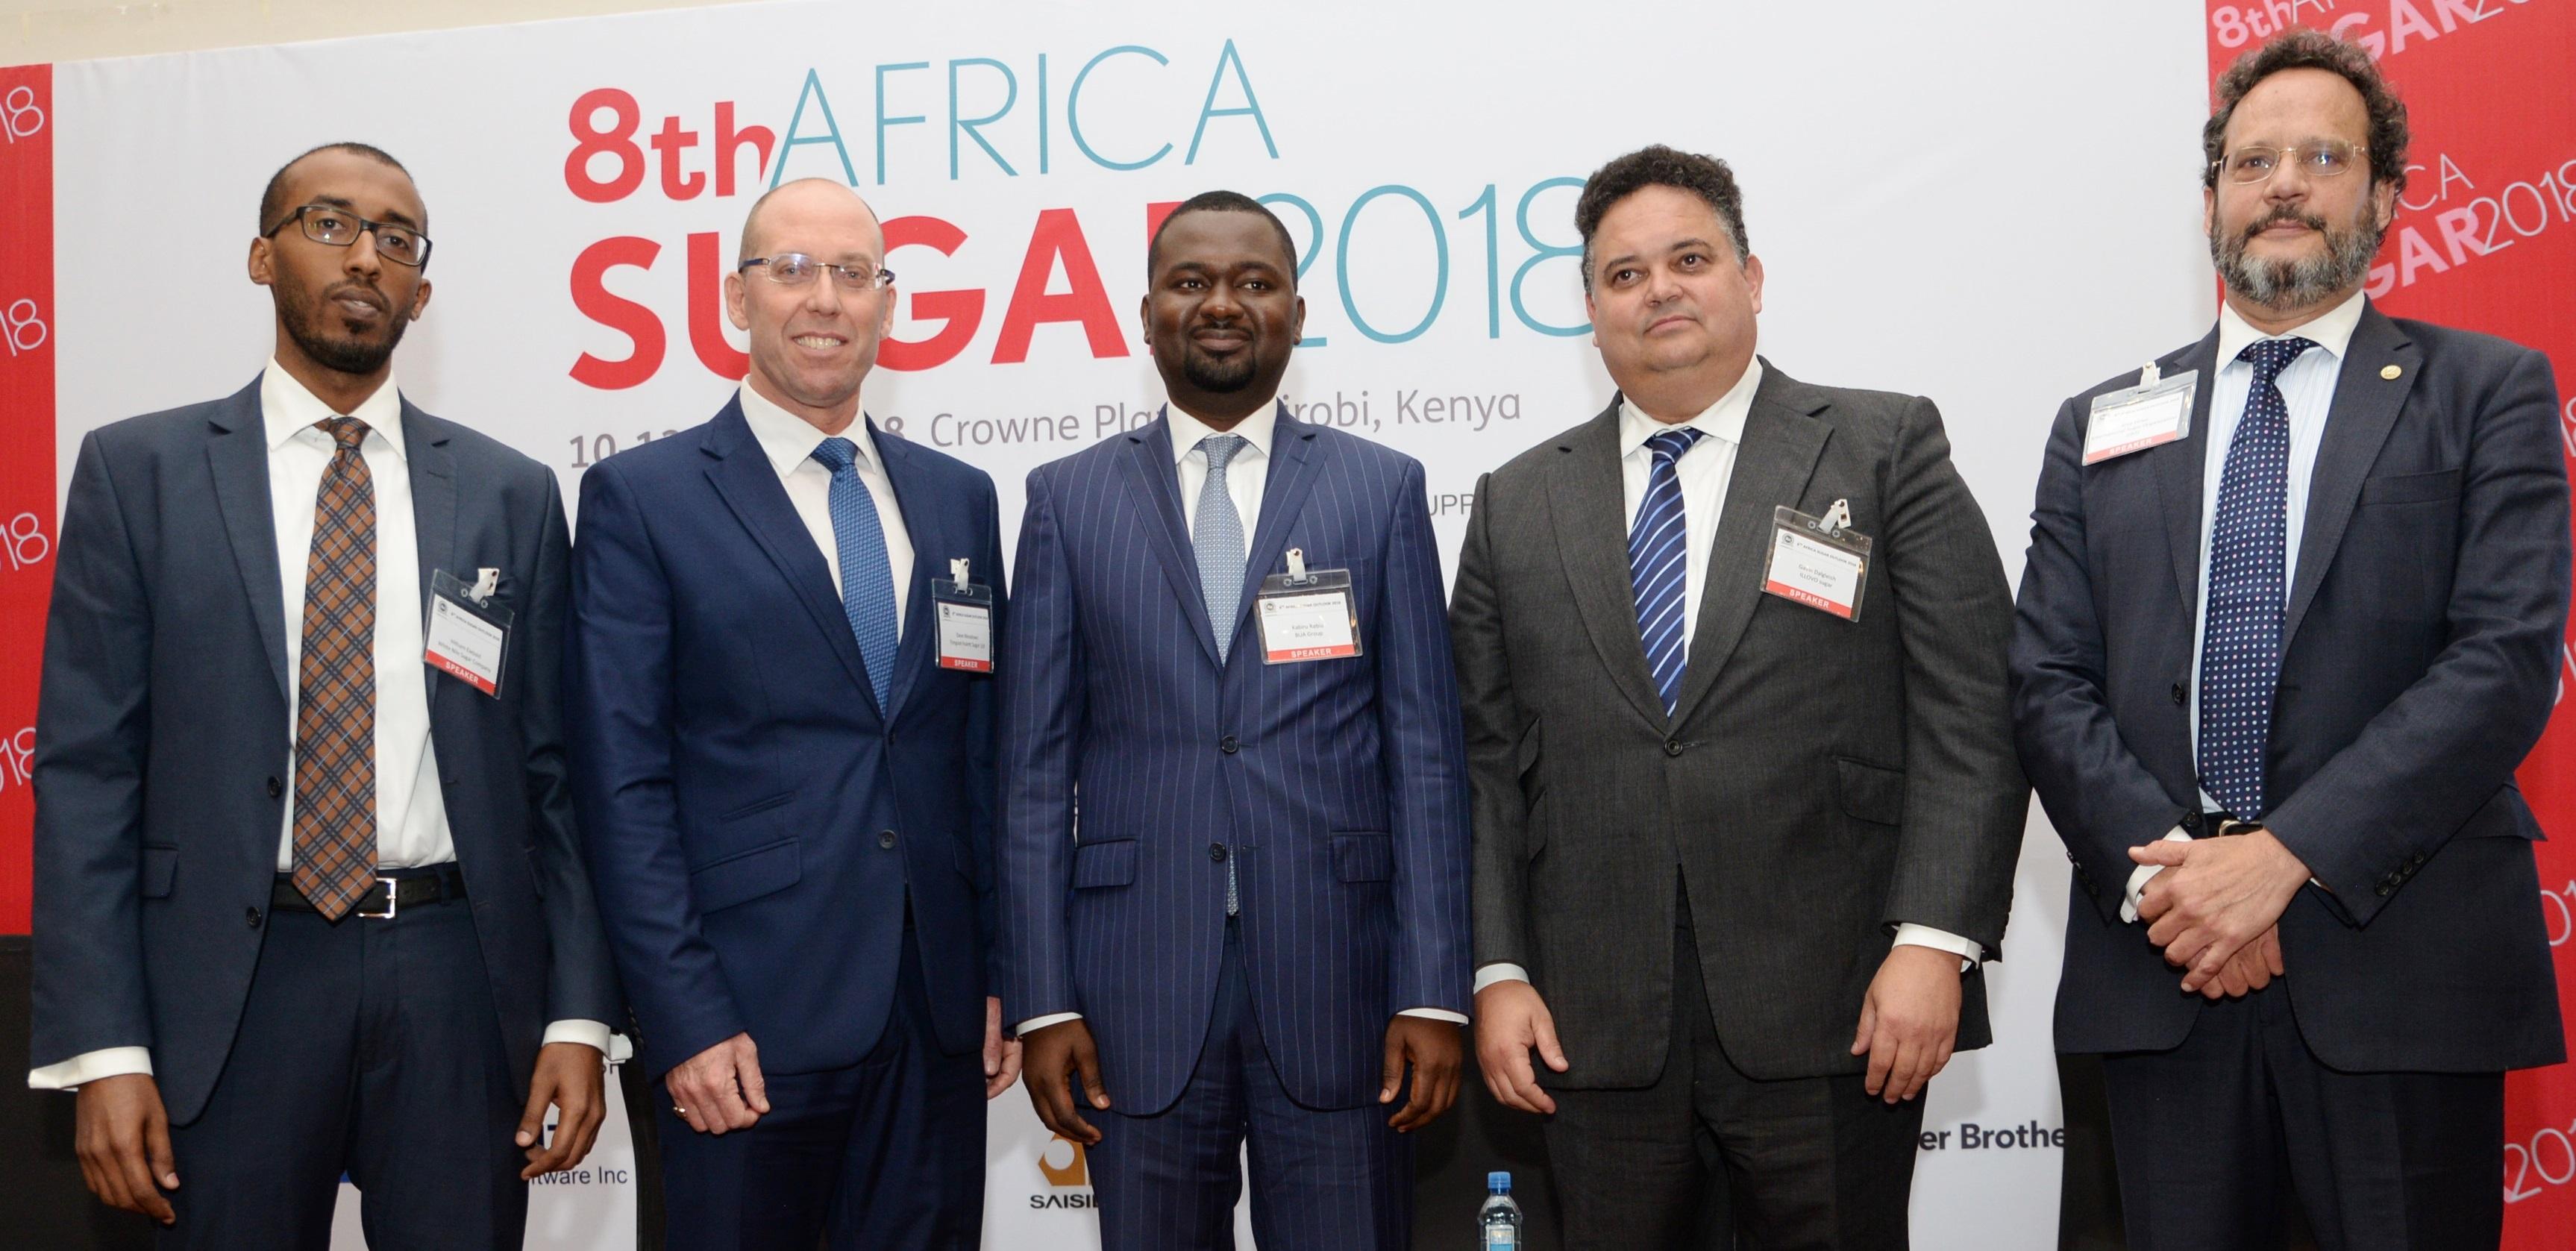 Photo News: BUA's GED Kabiru Rabiu at the 8th Africa Sugar Conference, Nairobi, Kenya